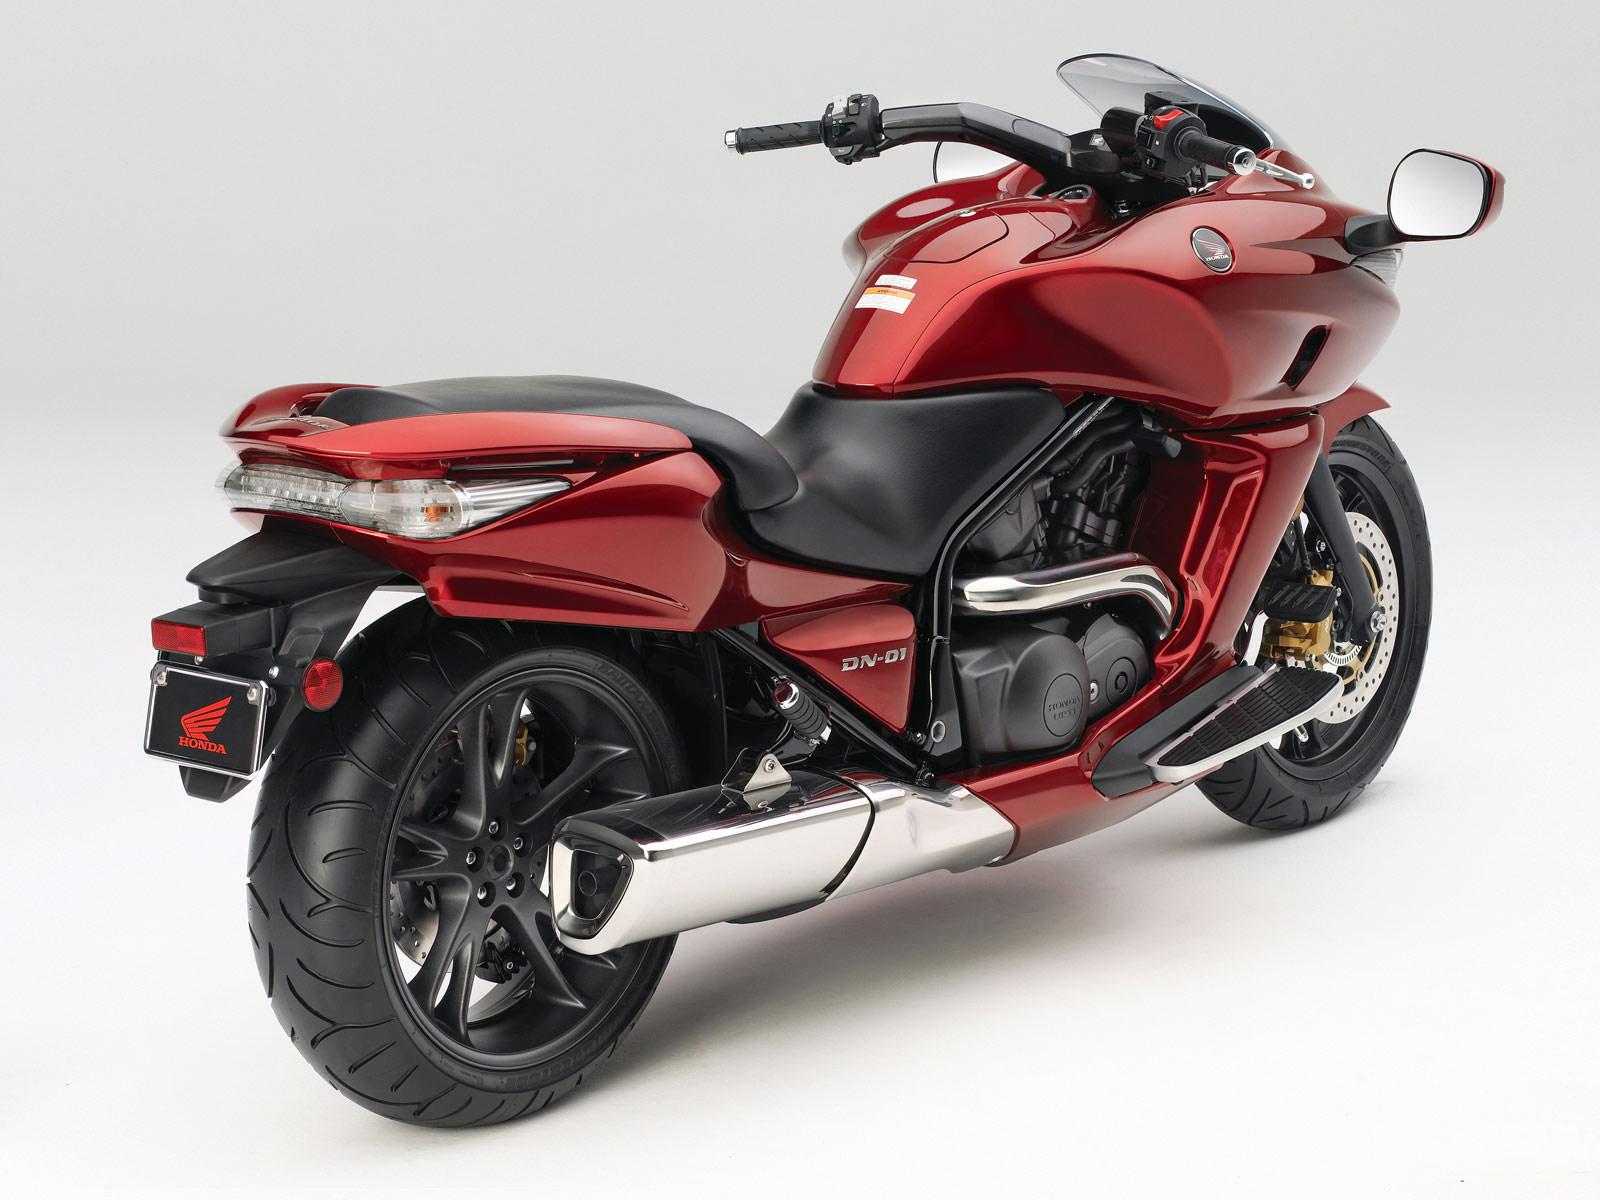 2012 honda dn 01 new release motorboxer. Black Bedroom Furniture Sets. Home Design Ideas